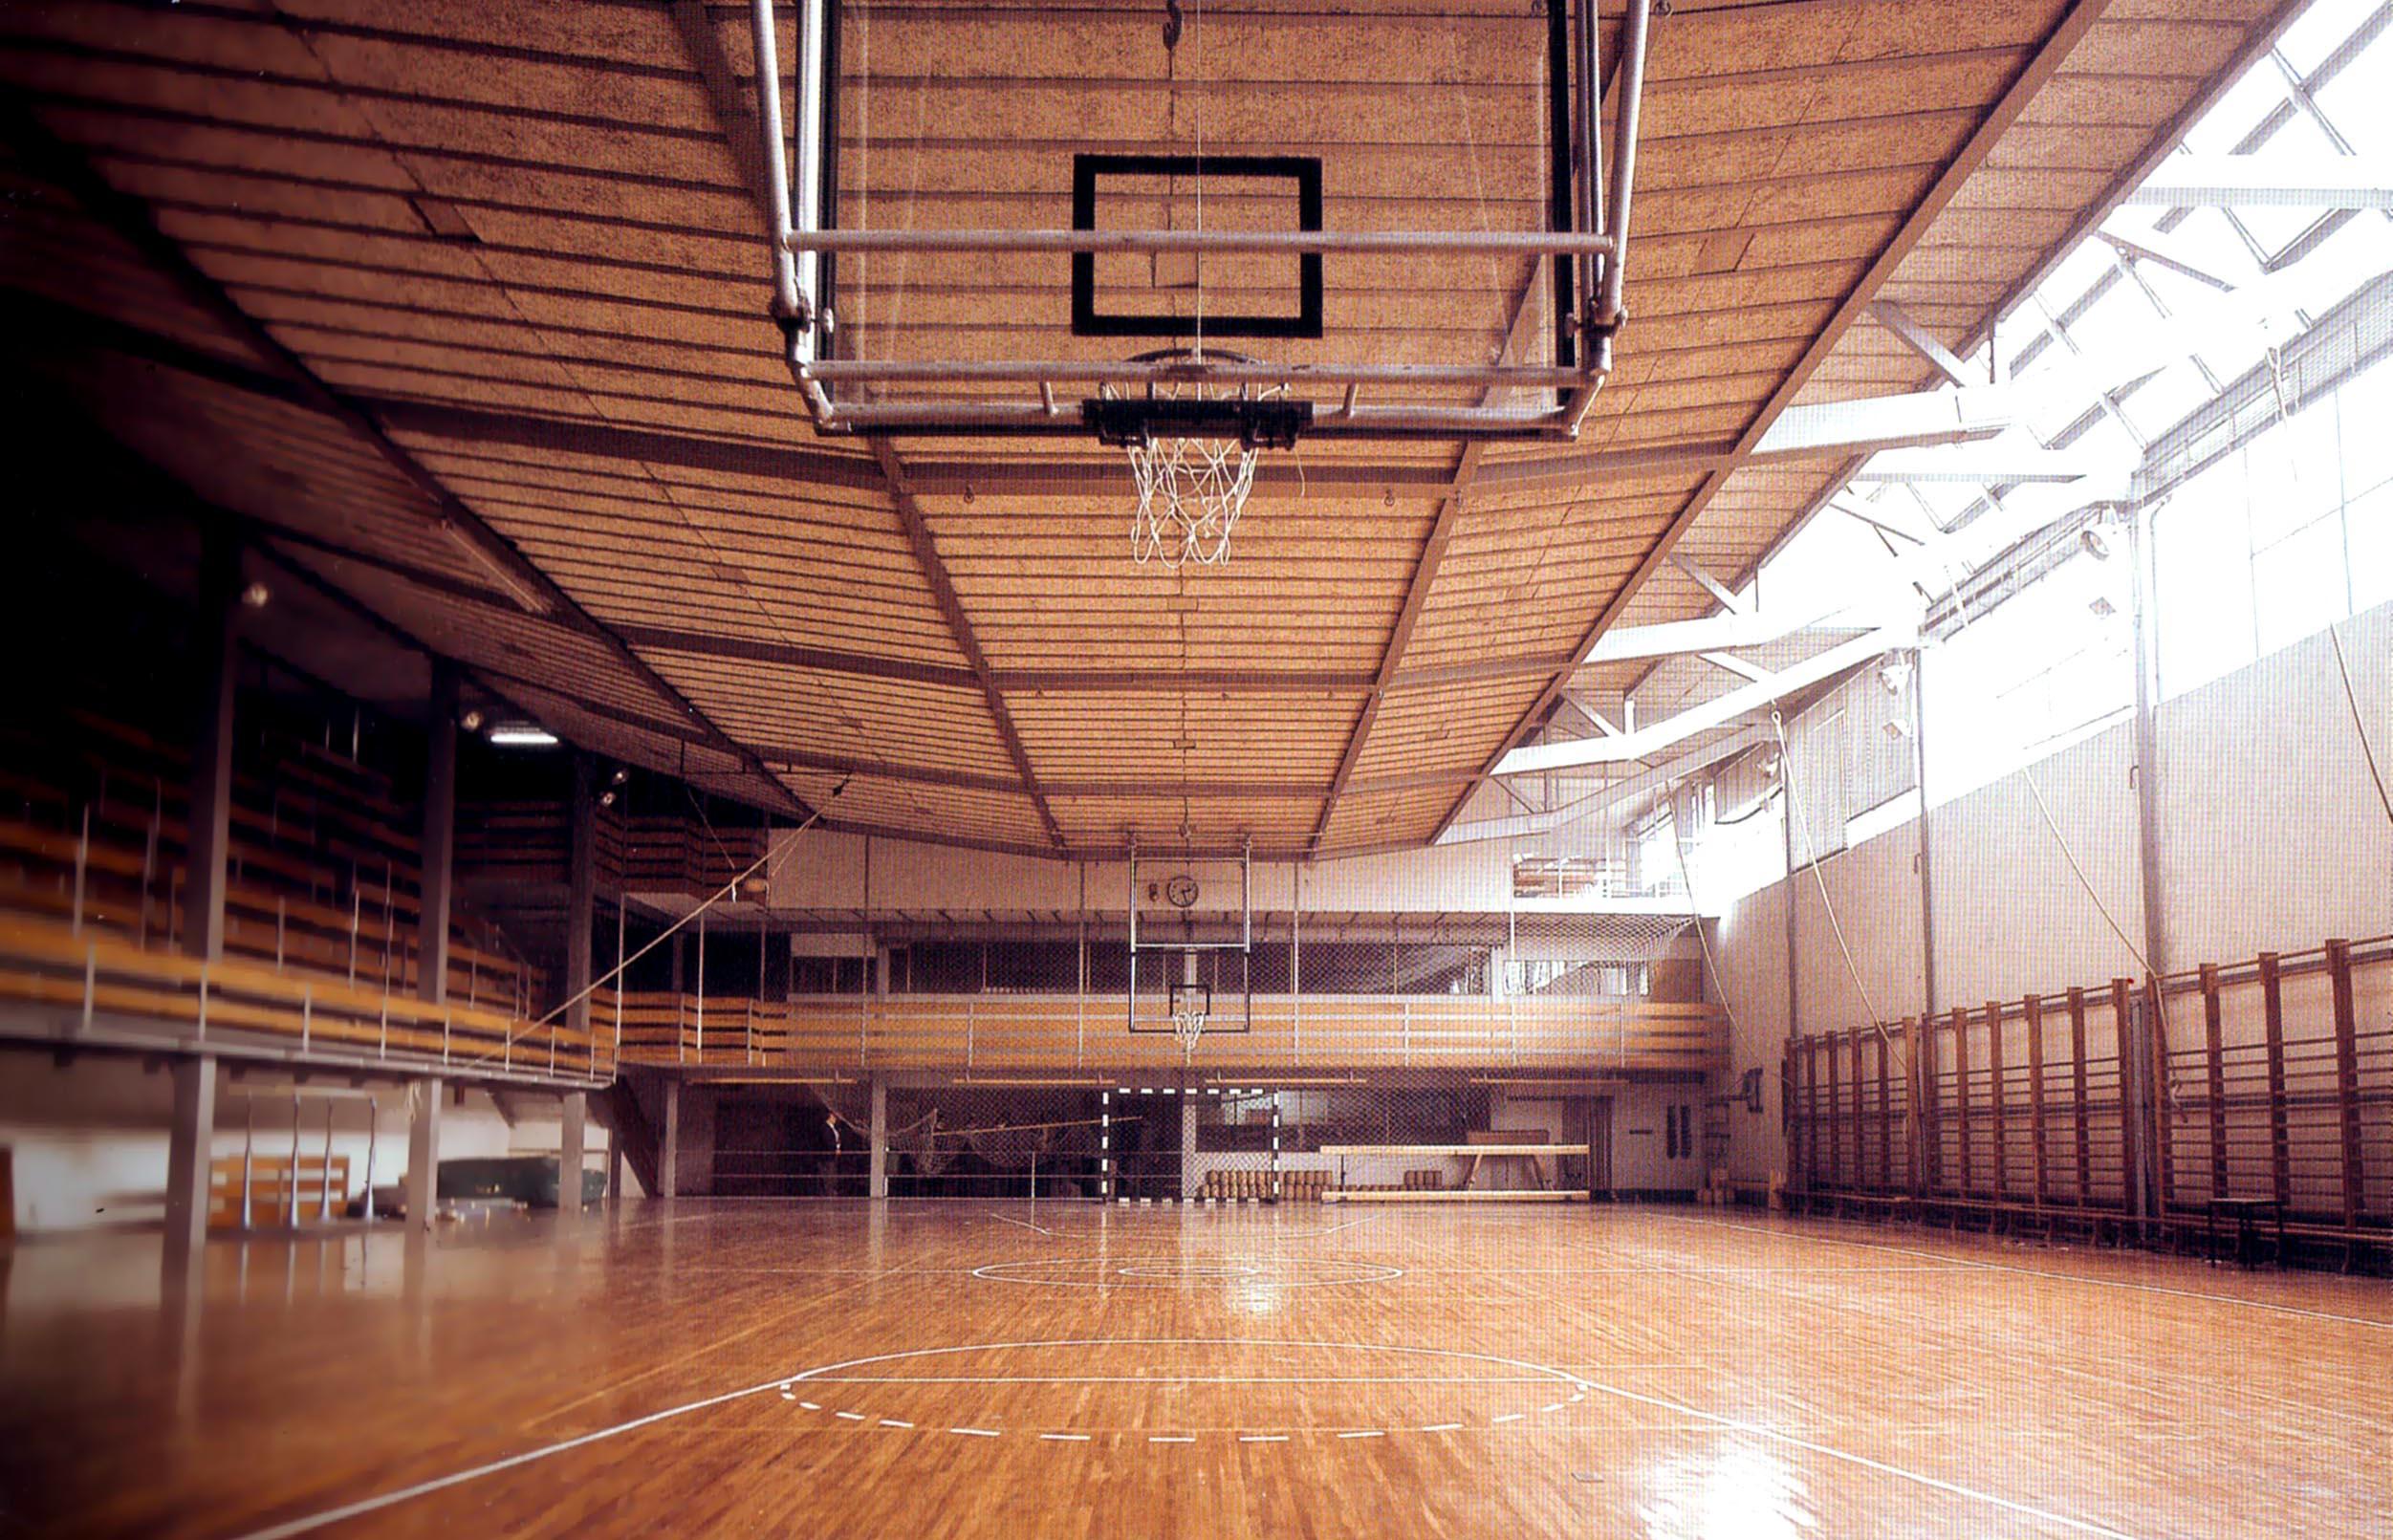 gimnasio maravillas ficha fotos y planos wikiarquitectura